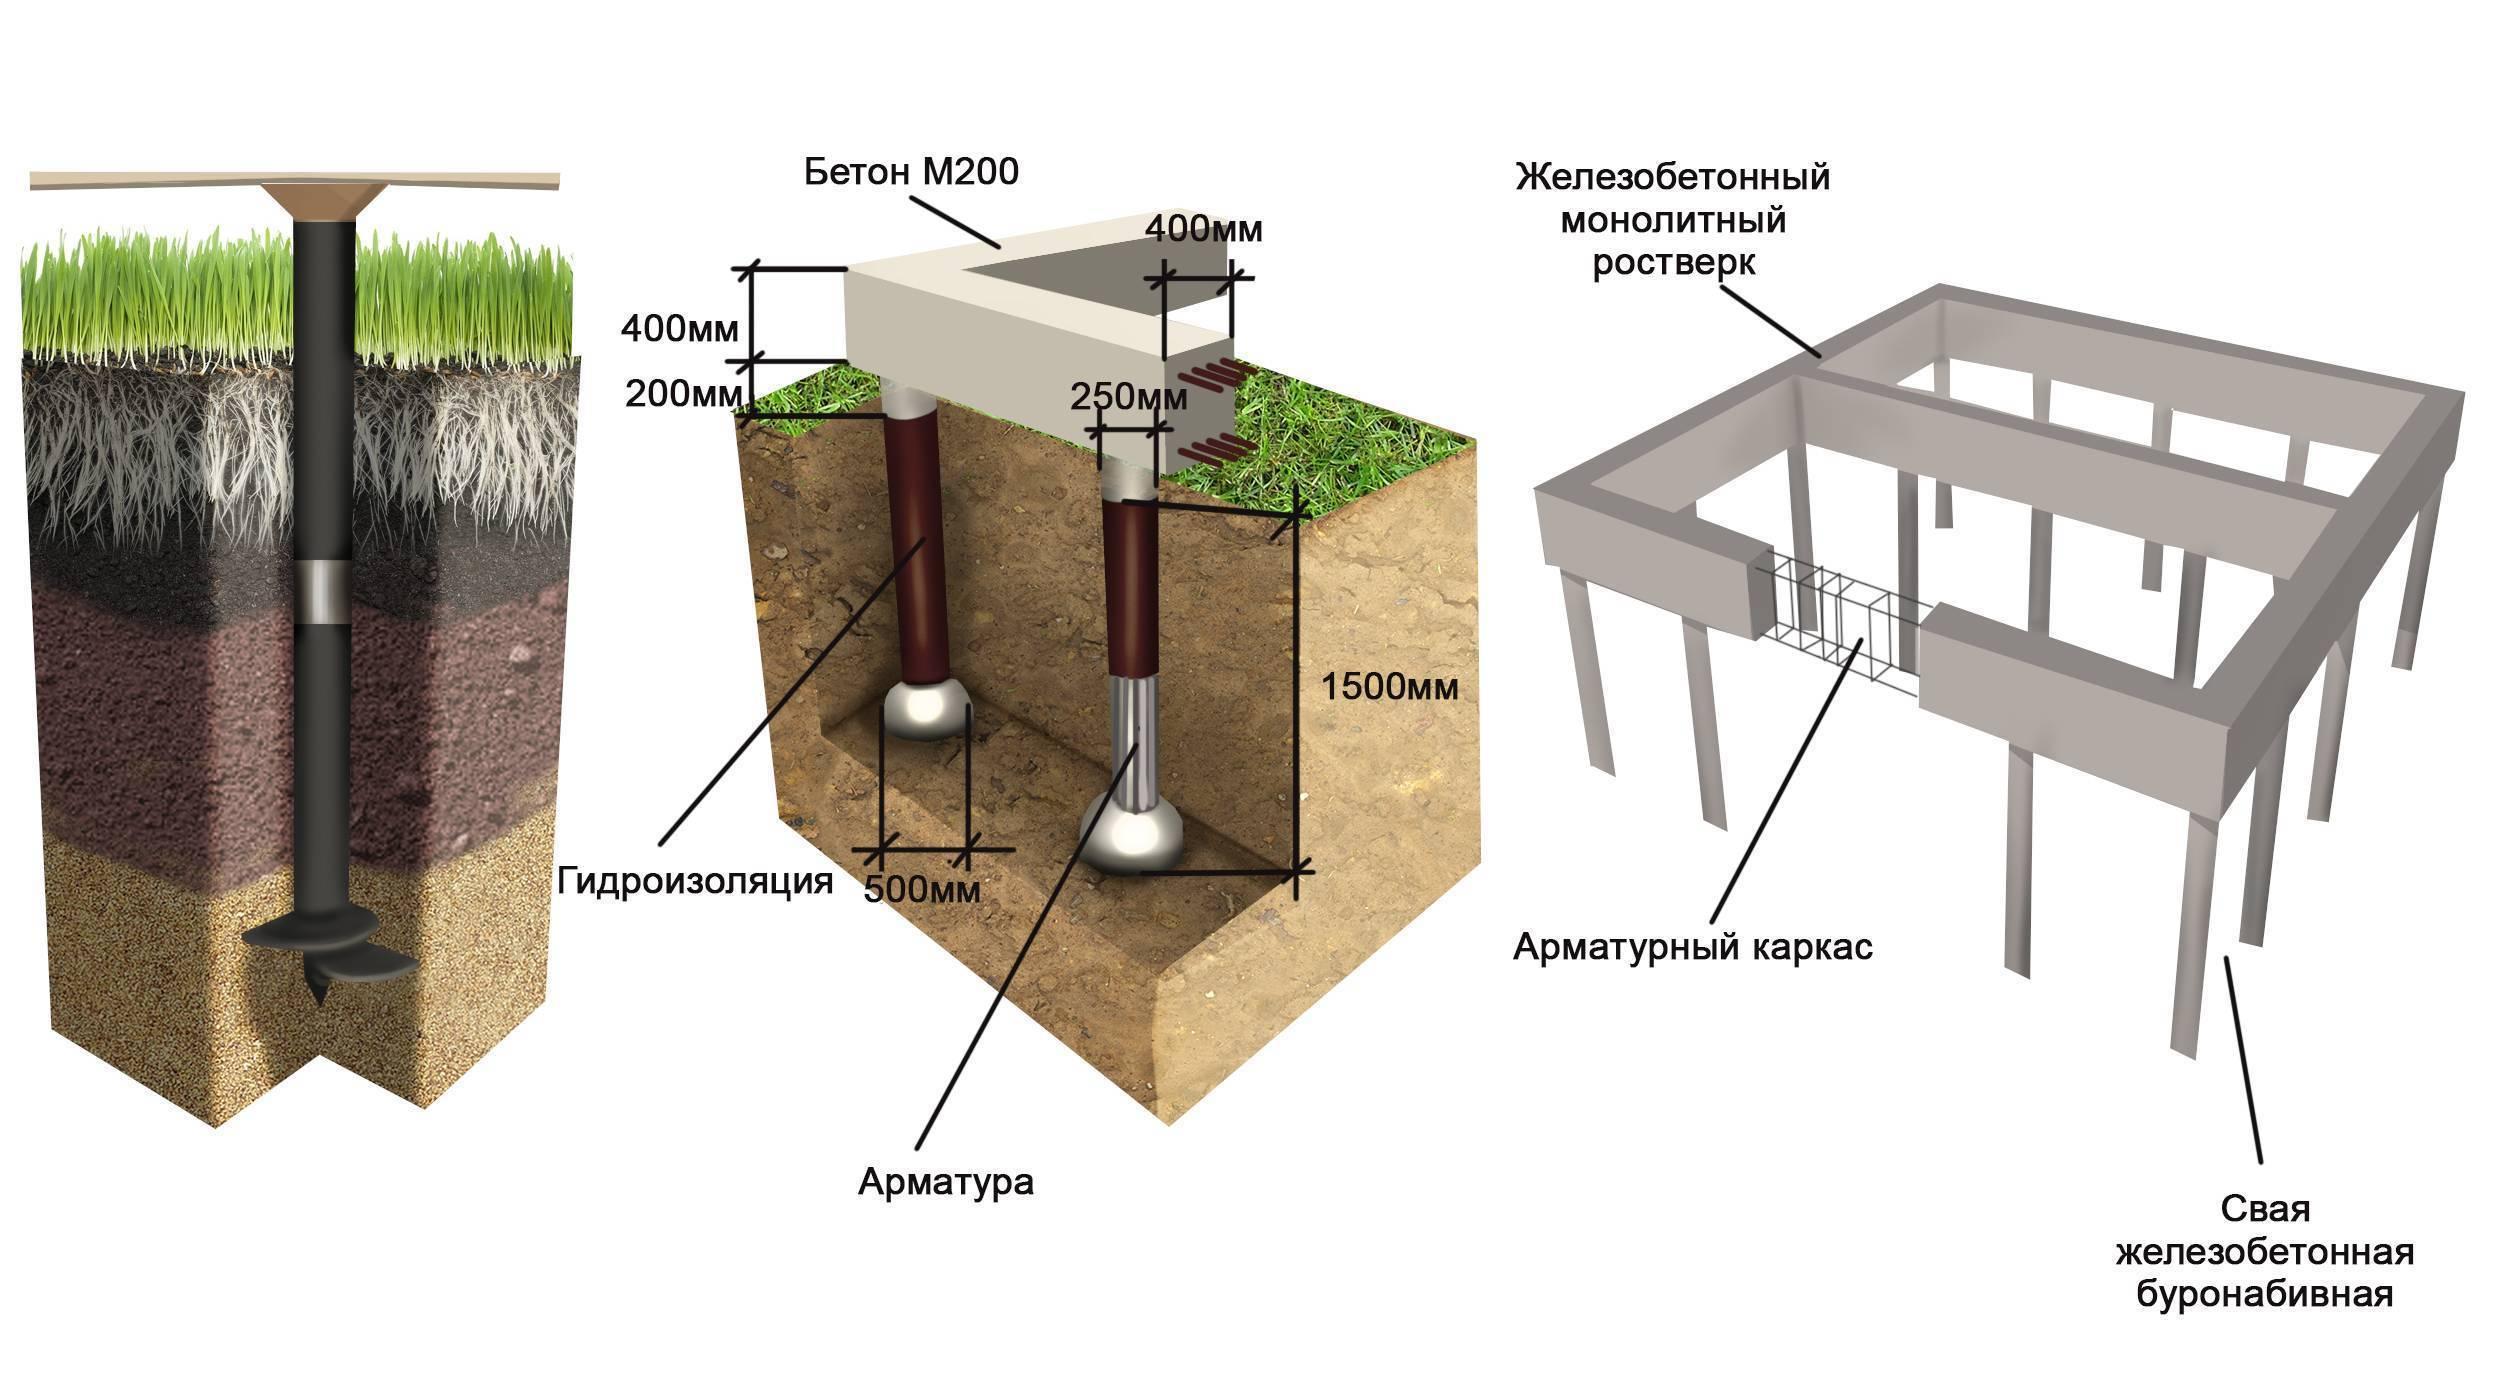 Рекомендации по расчету, проектированию и устройству свайных фундаментов нового типа в г. москве /